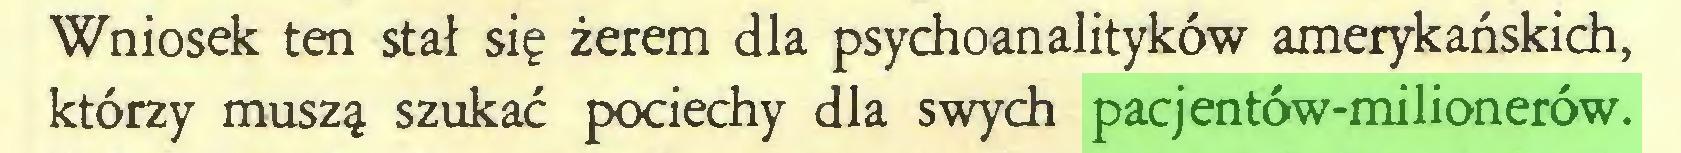 (...) Wniosek ten stał się żerem dla psychoanalityków amerykańskich, którzy muszą szukać pociechy dla swych pacjentów-milionerów...